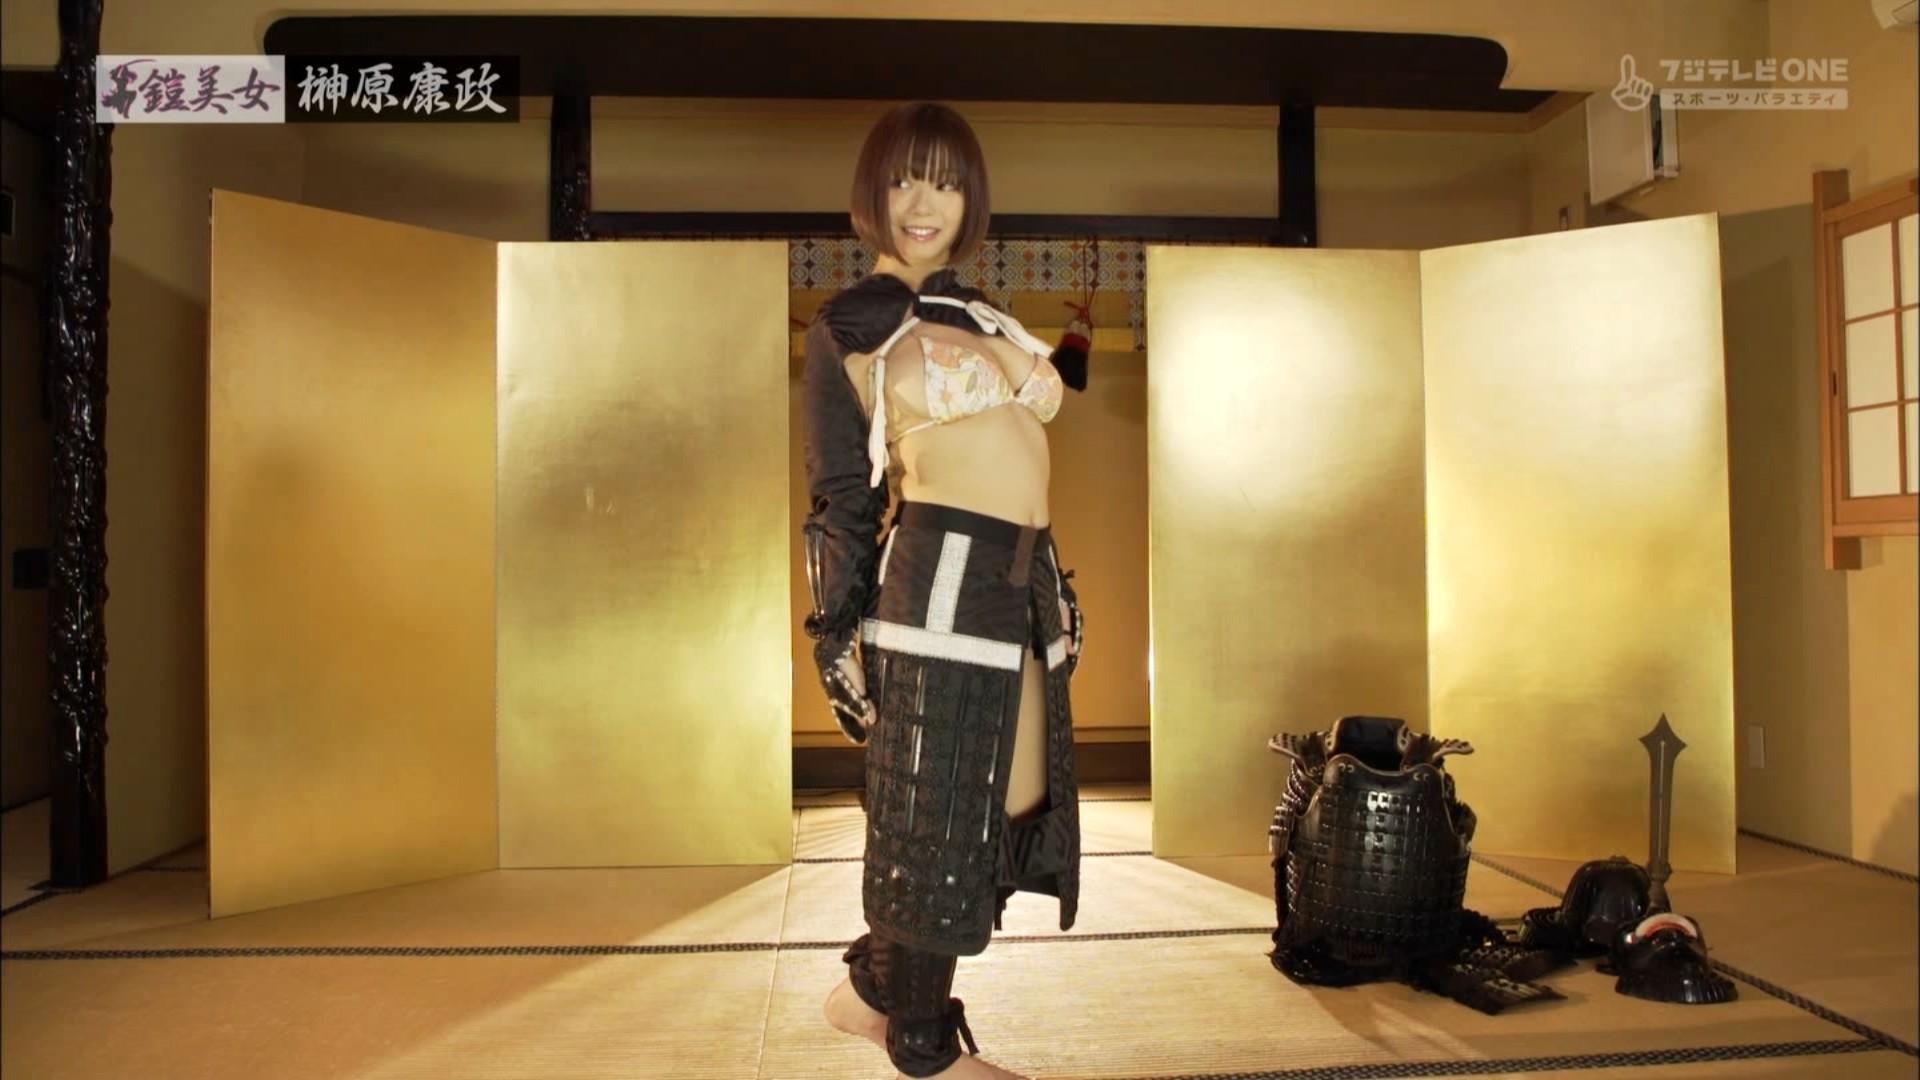 鎧美女#52のテレビキャプチャー画像-013